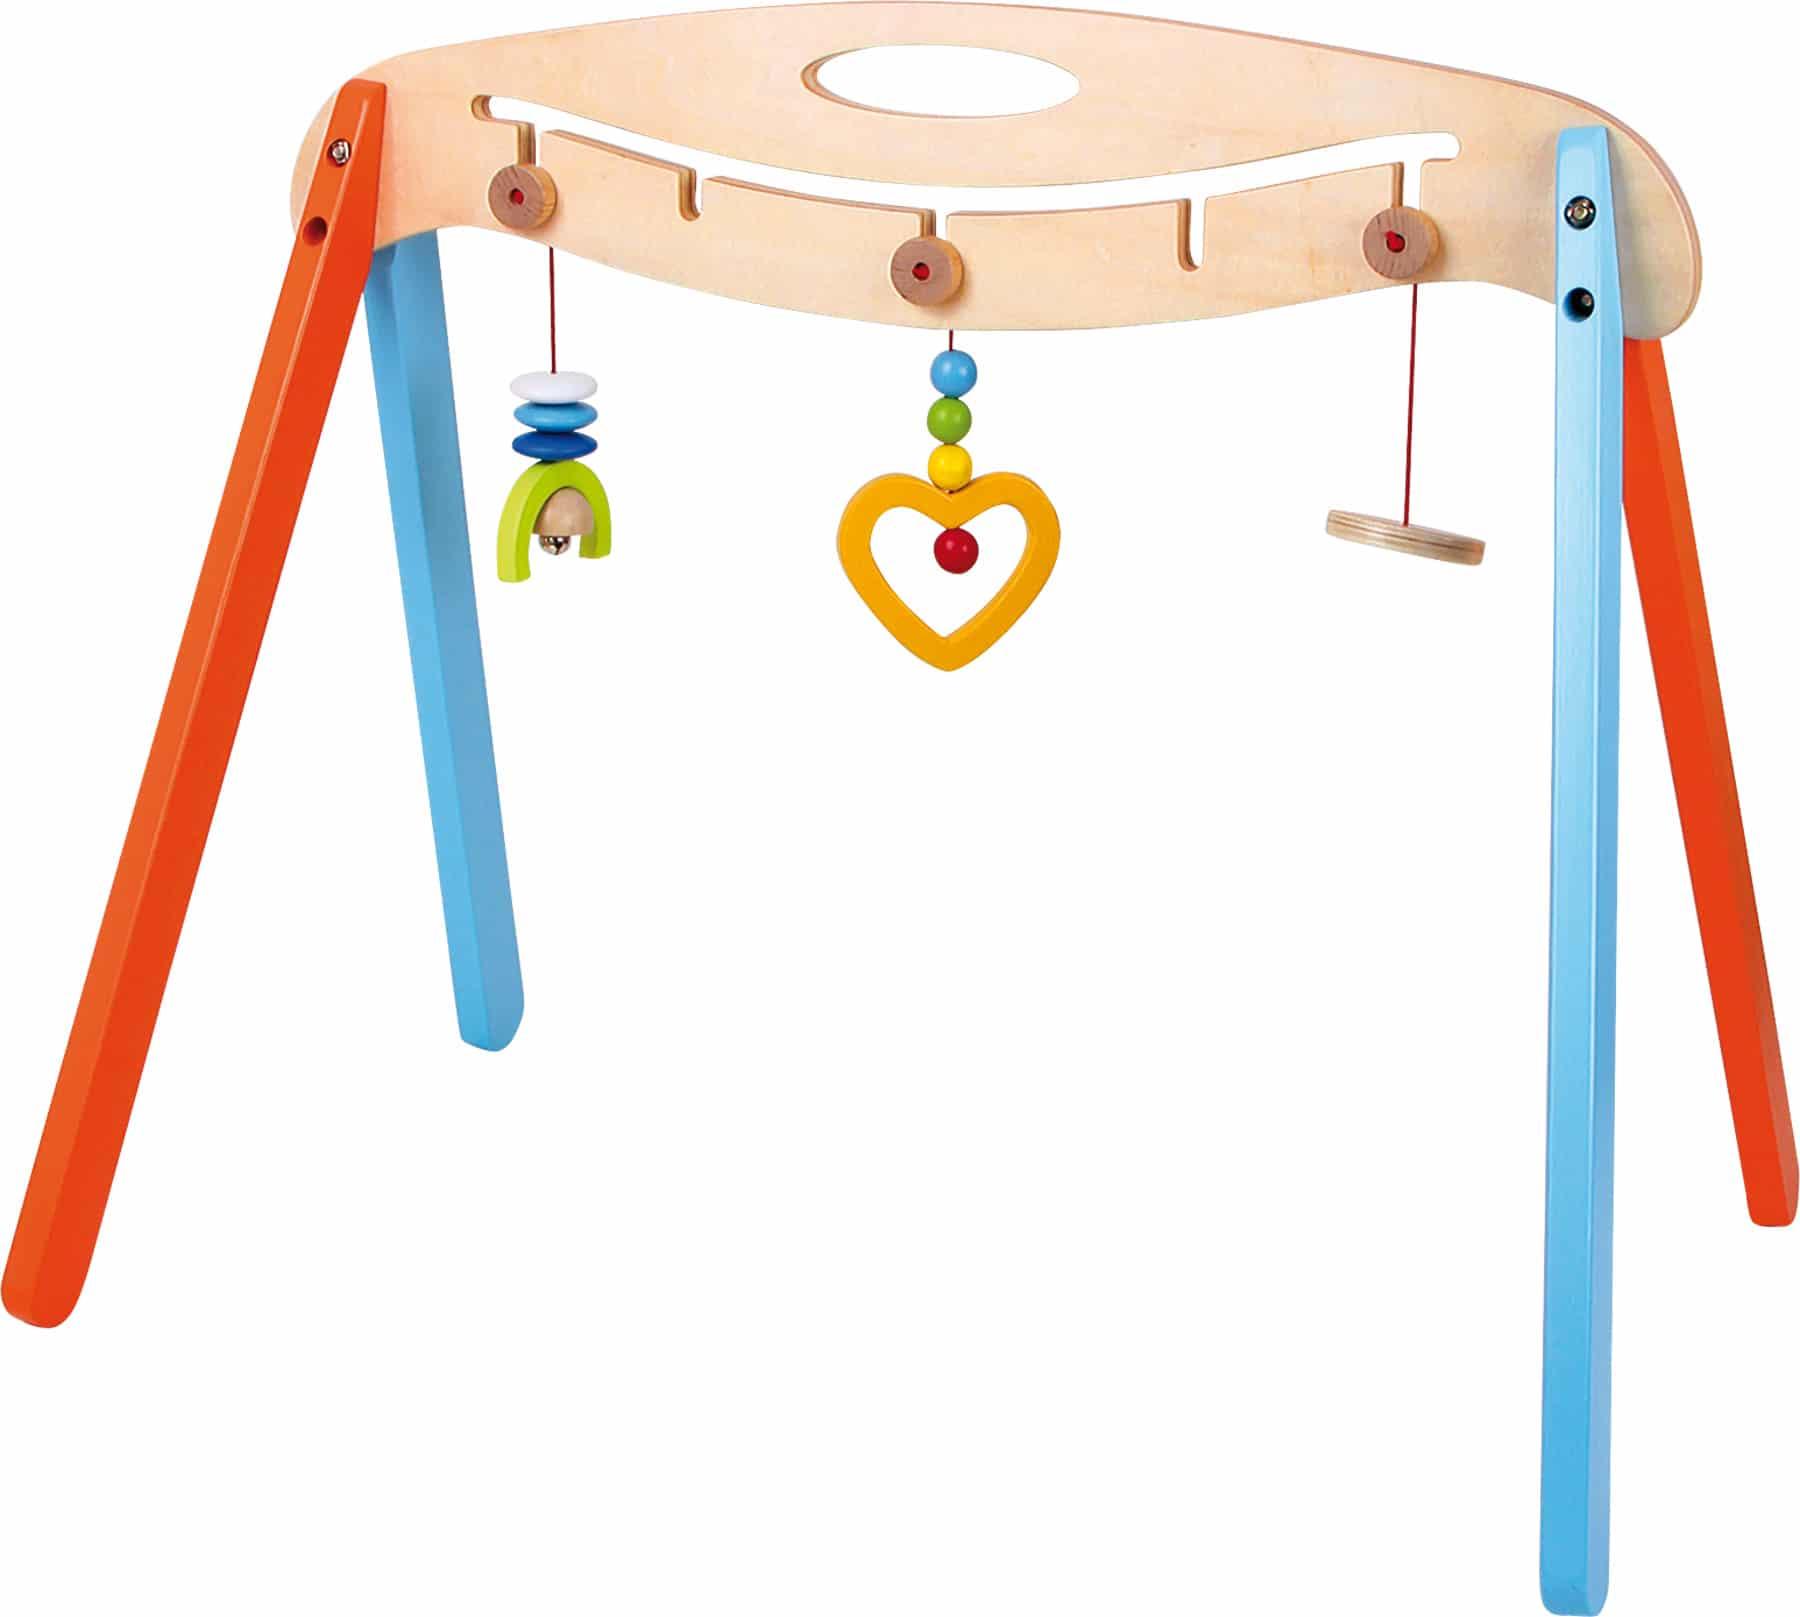 Suport cu jucării bebeluși, din lemn